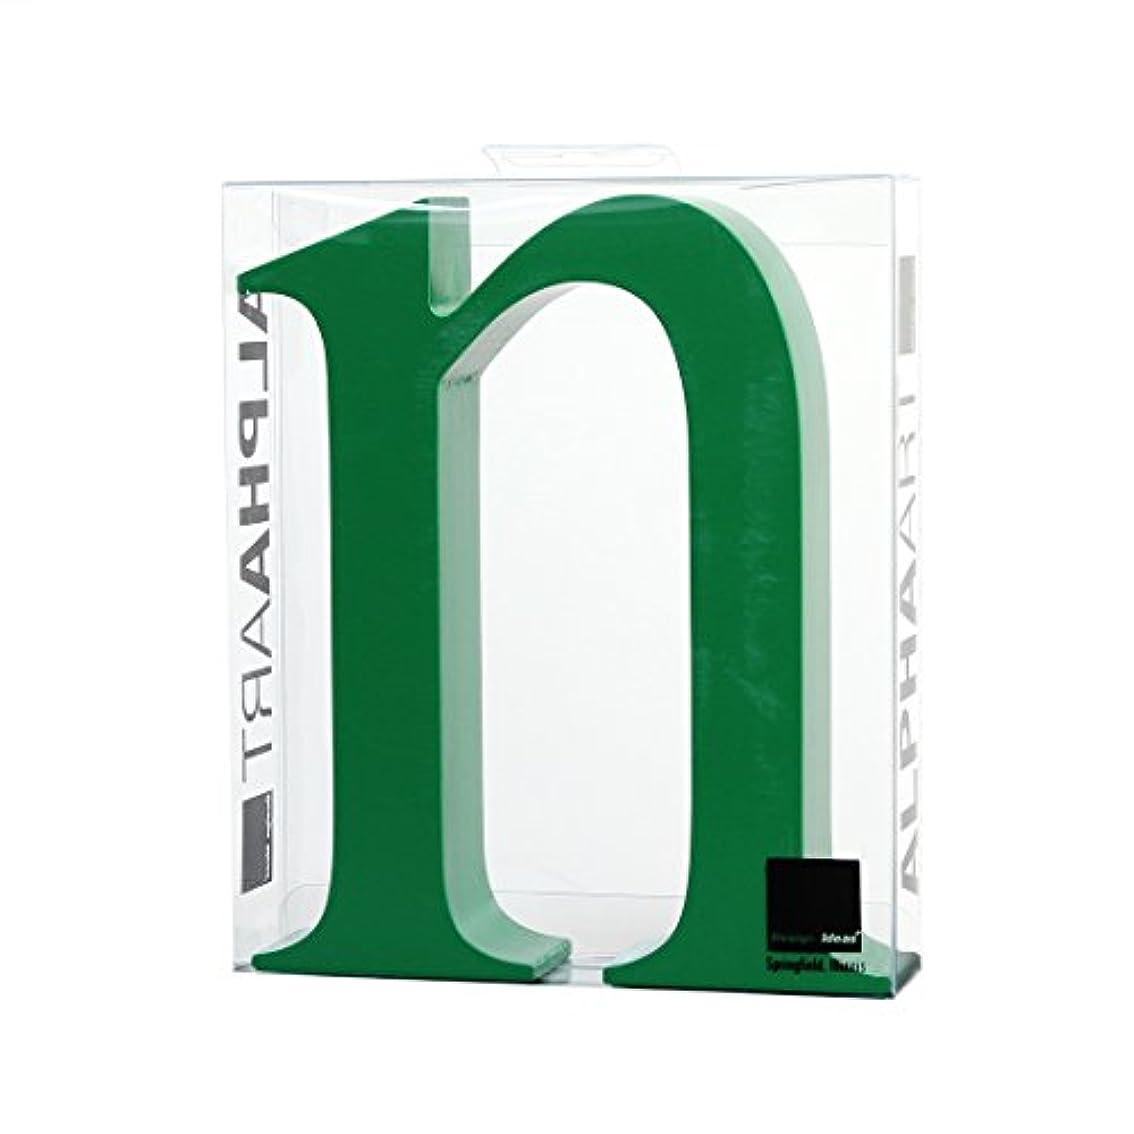 伝導厳密に制約カメヤマキャンドルハウス アルファベットブロック カラフル  アルファアートスモールn 「 グリーン 」